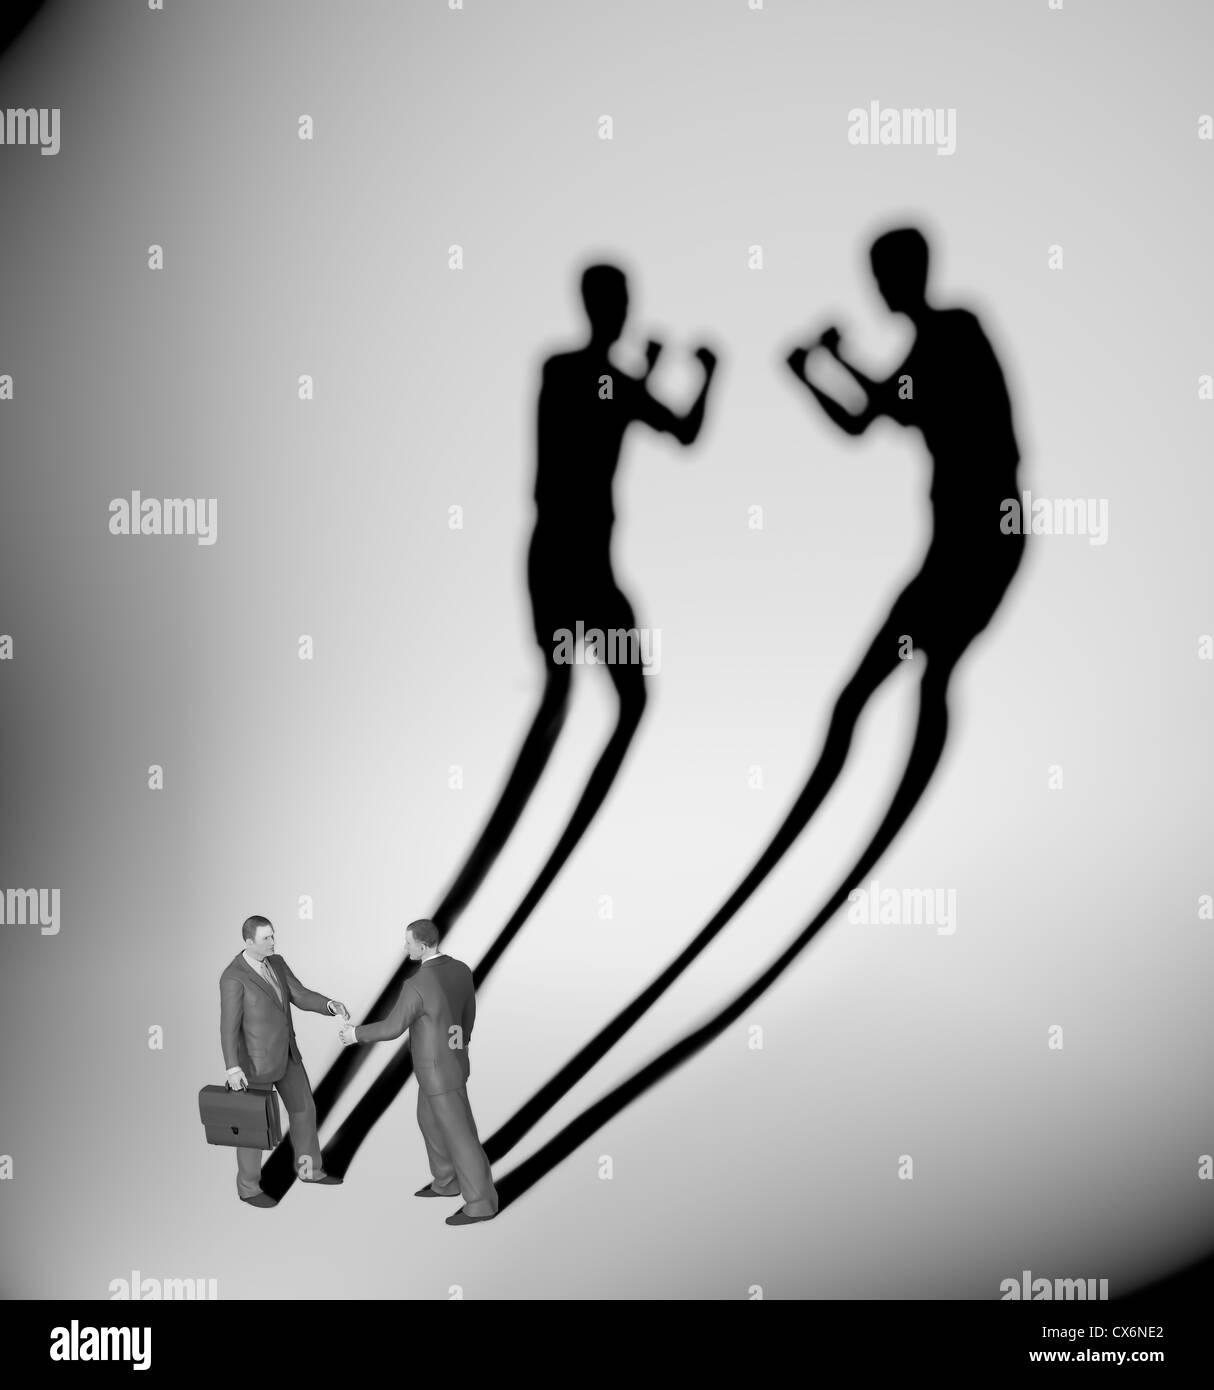 Deux businessman jette une ombre en forme de deux combattants Photo Stock